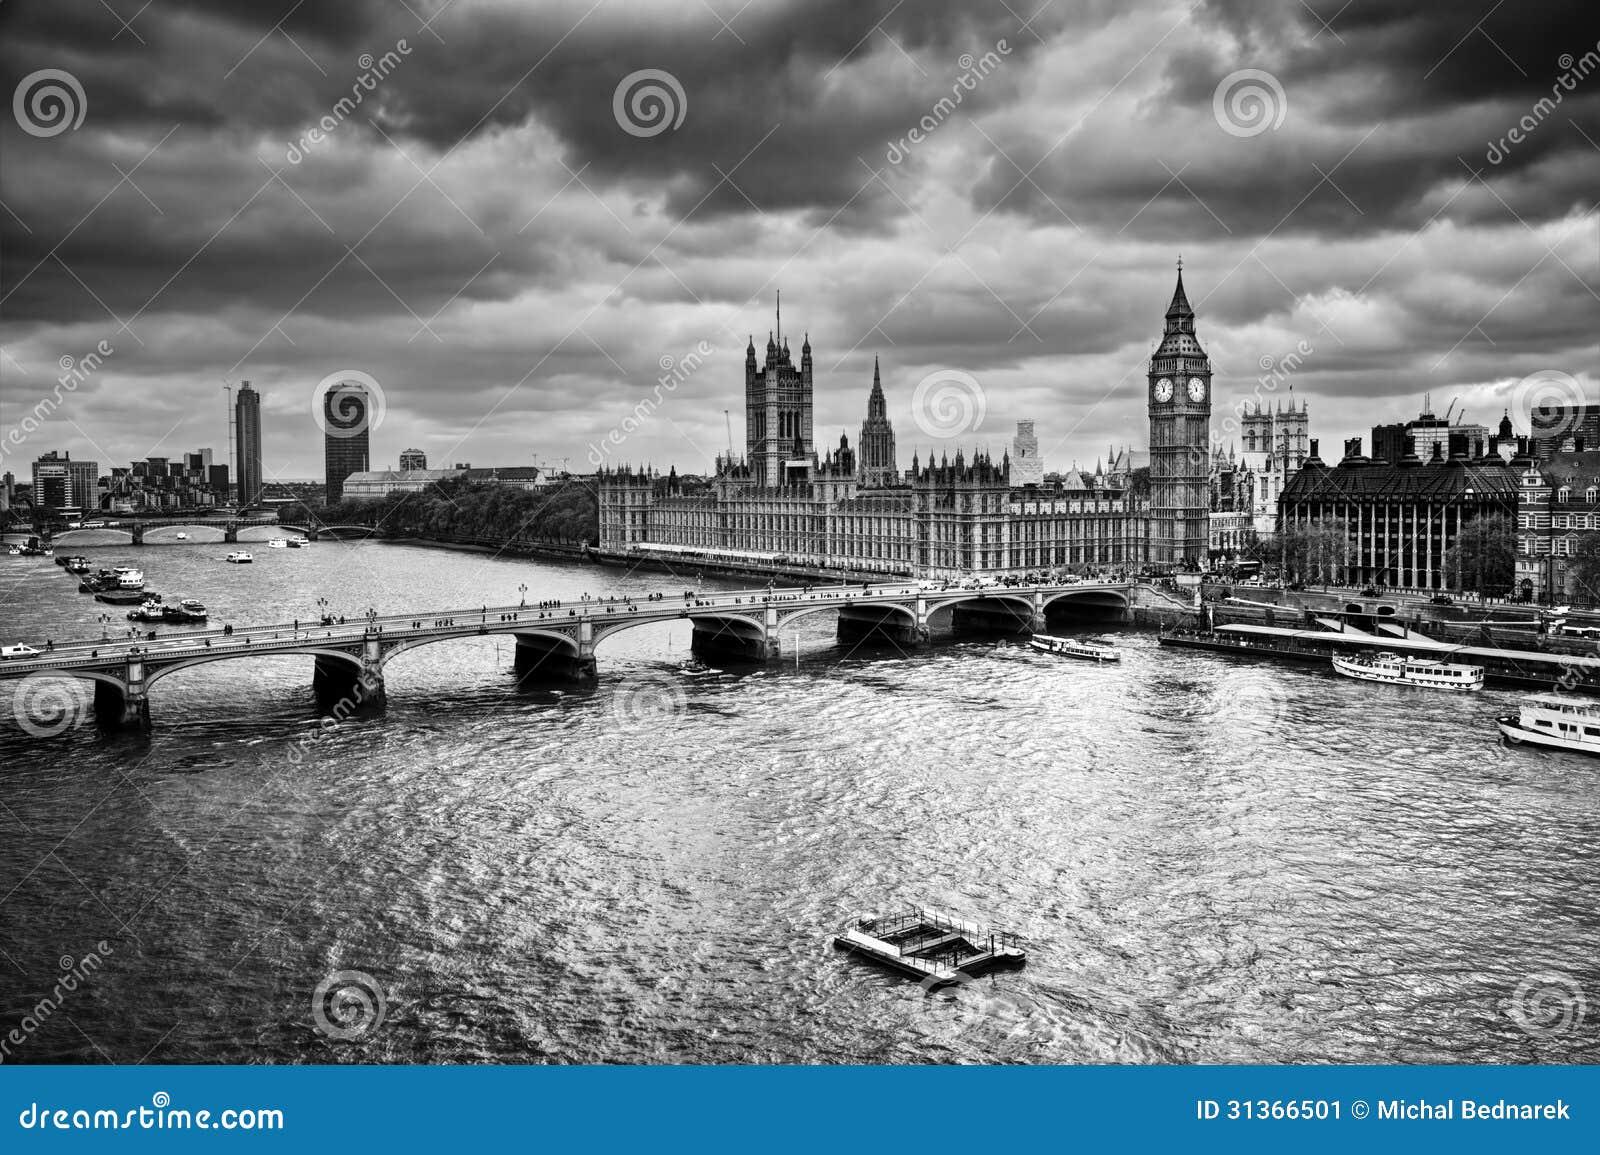 london gro britannien big ben der palast von westminster in schwarzweiss stockbild bild. Black Bedroom Furniture Sets. Home Design Ideas